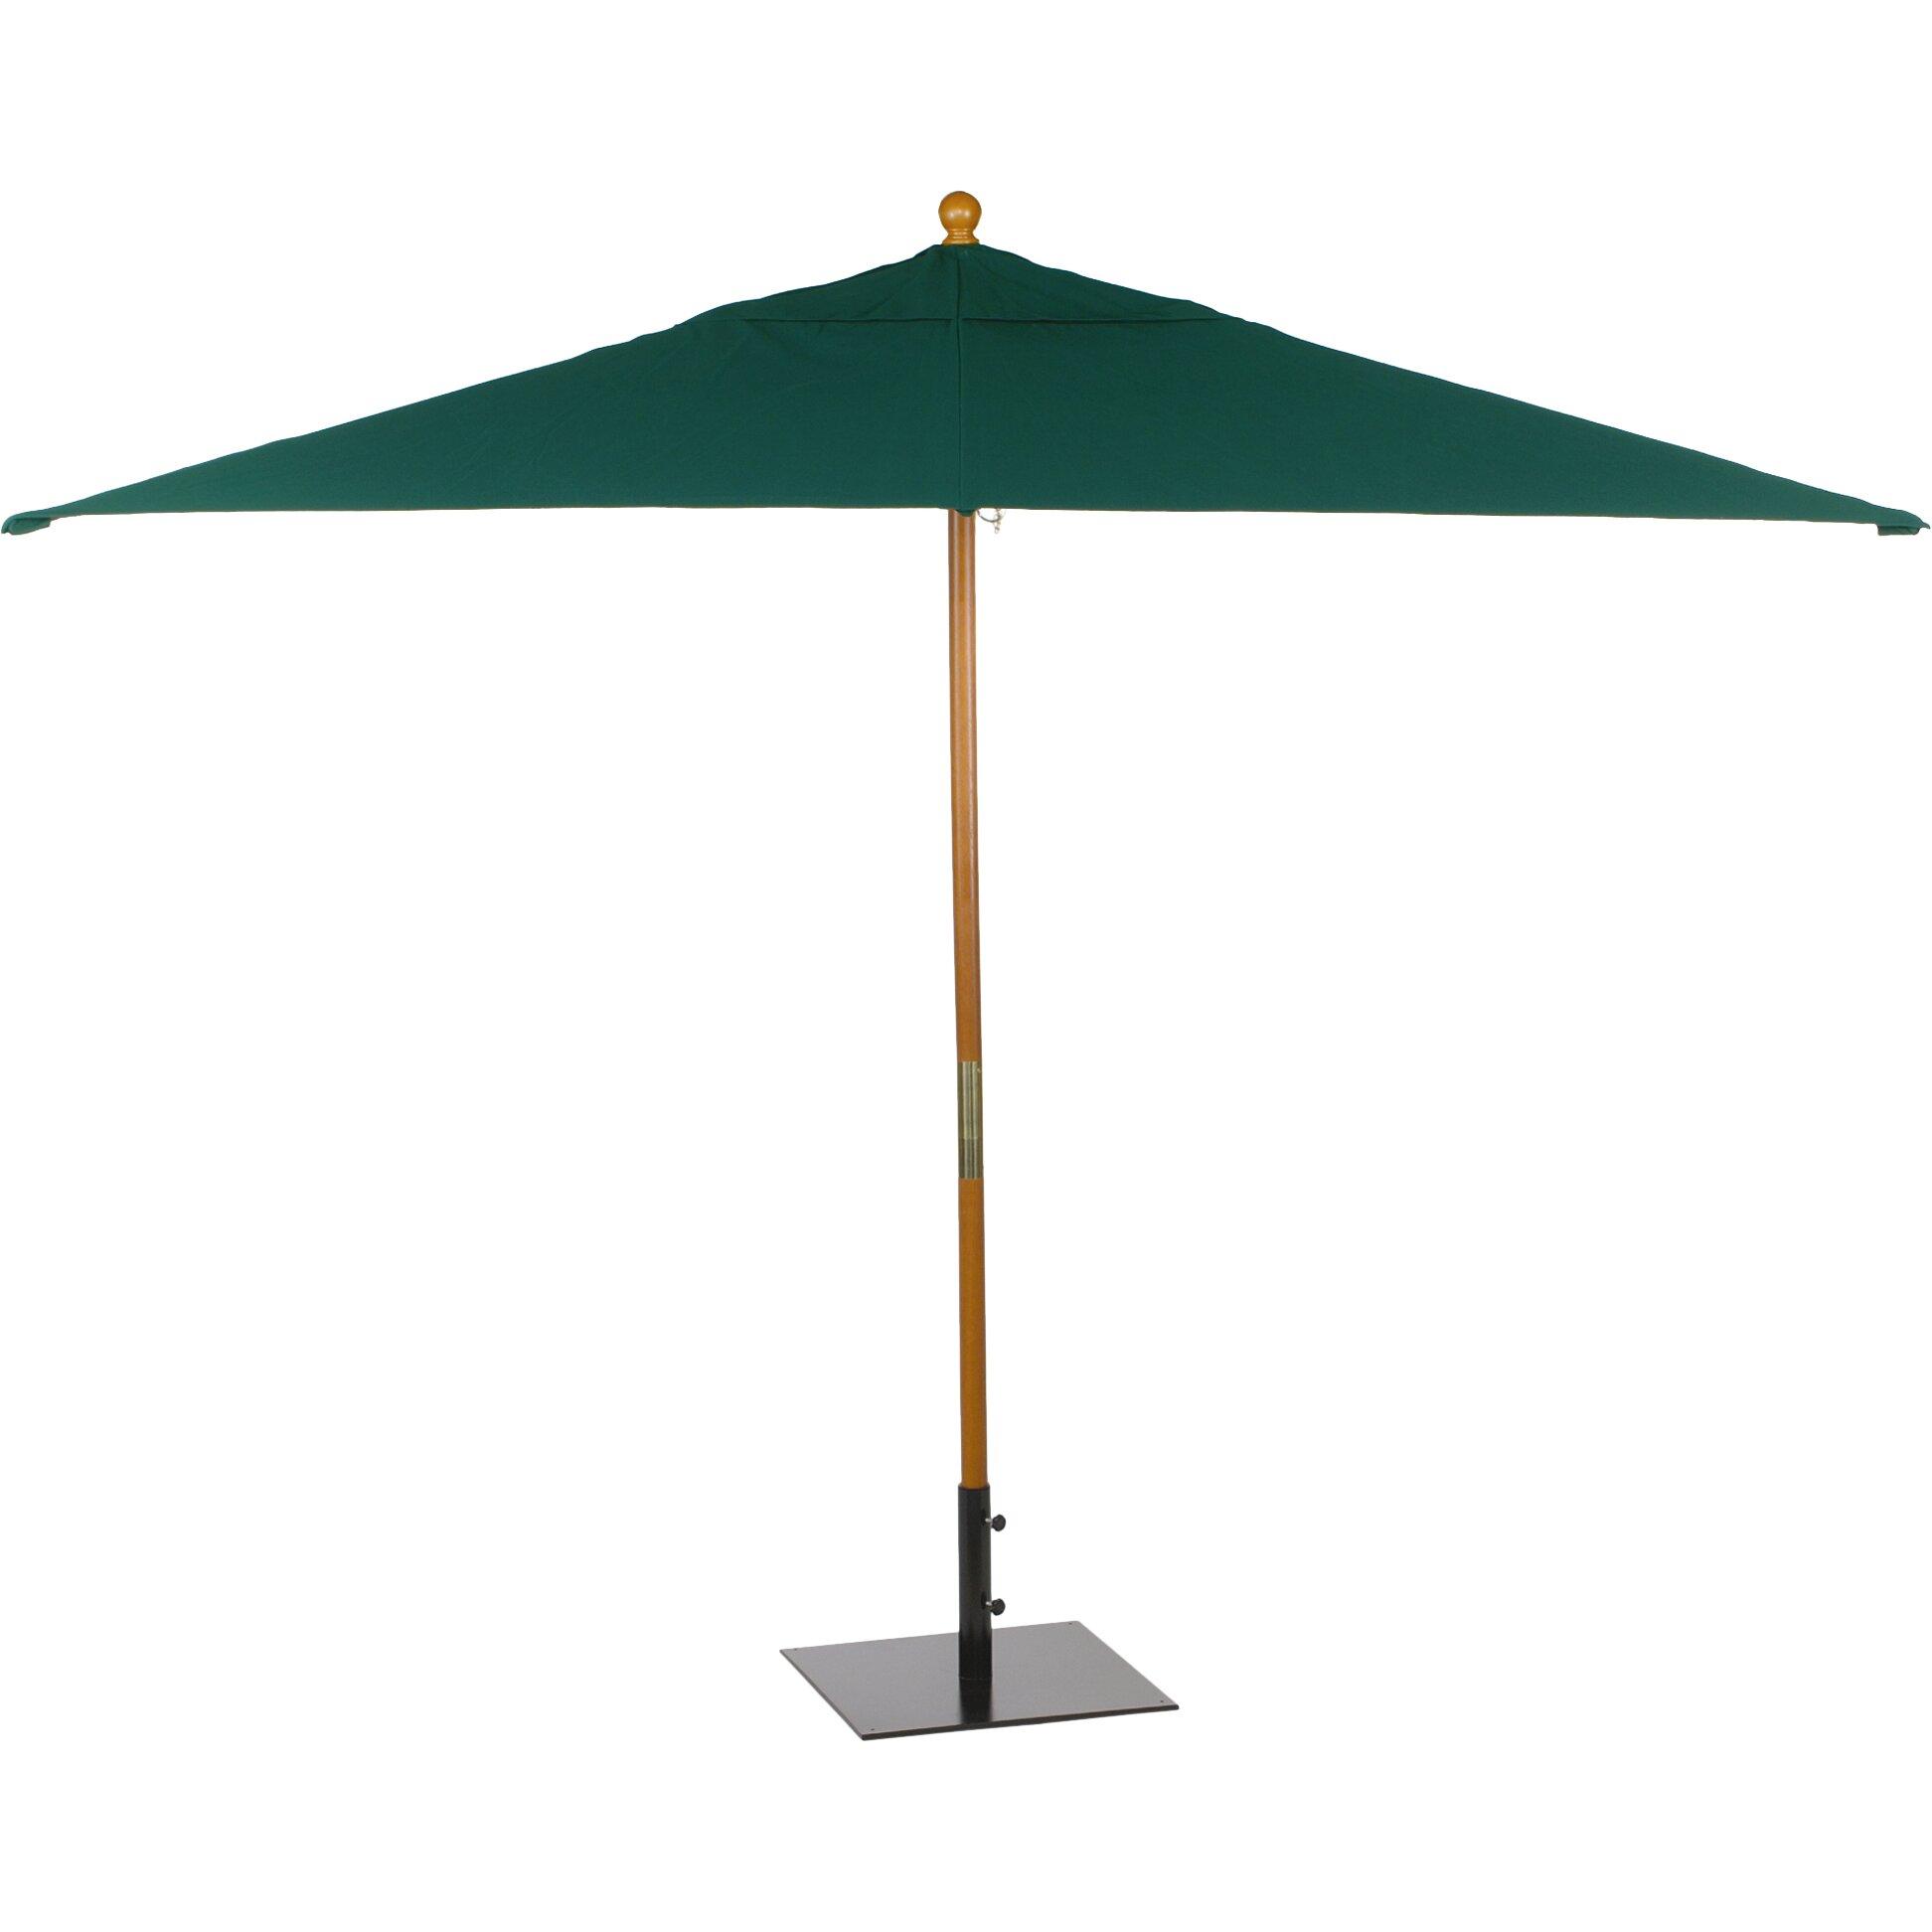 Rectangular Sunbrella Patio Umbrellas Sunbrella